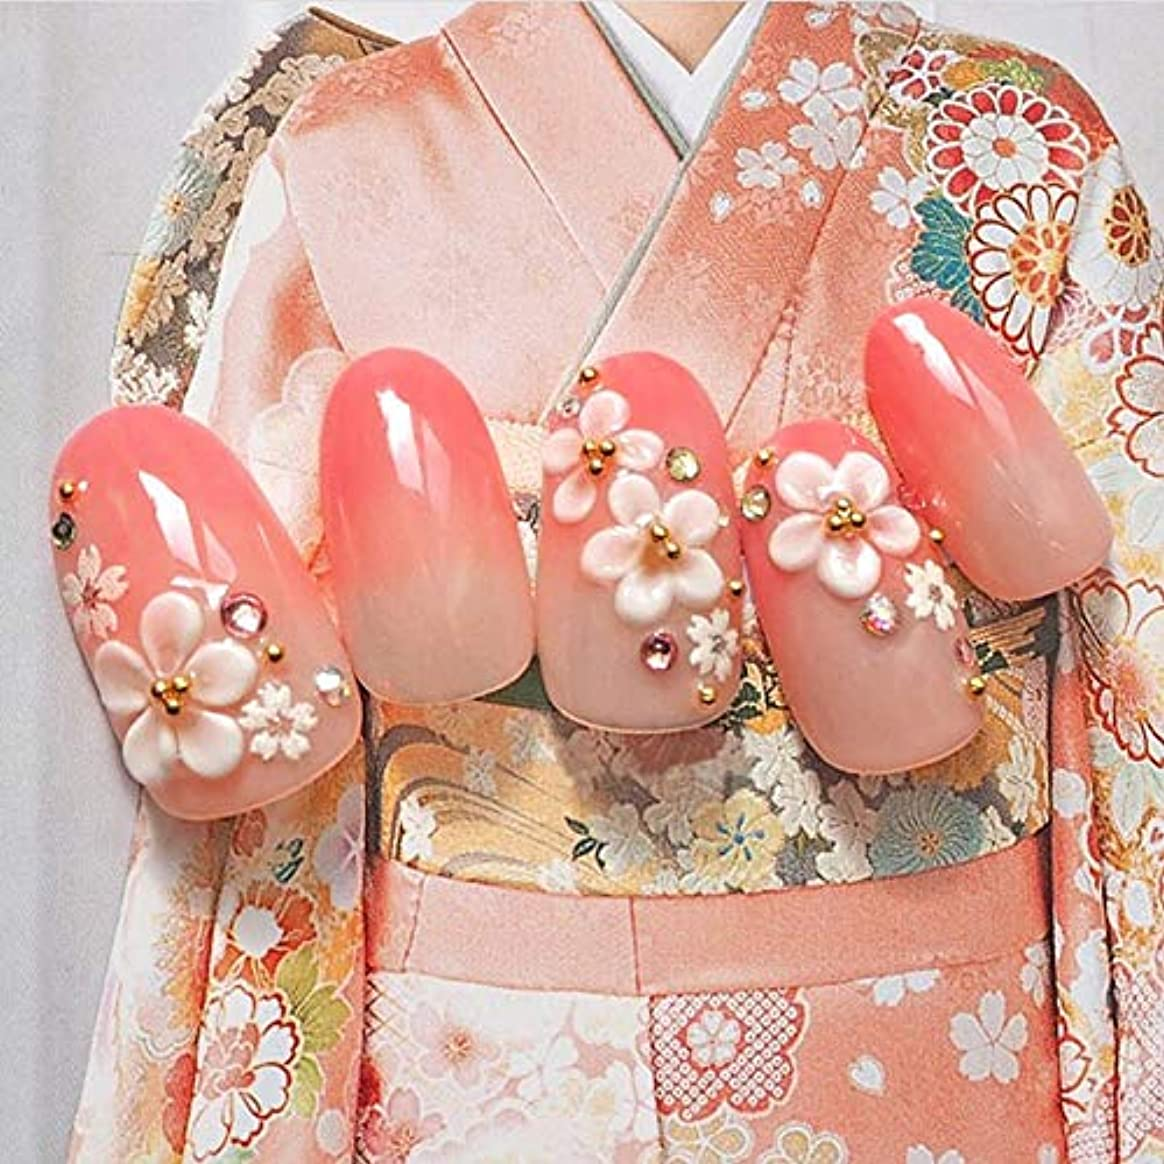 火山学寛容な労苦XUTXZKA 24本の長い偽の爪のヒントオーバルピンクグラデーションの花の装飾